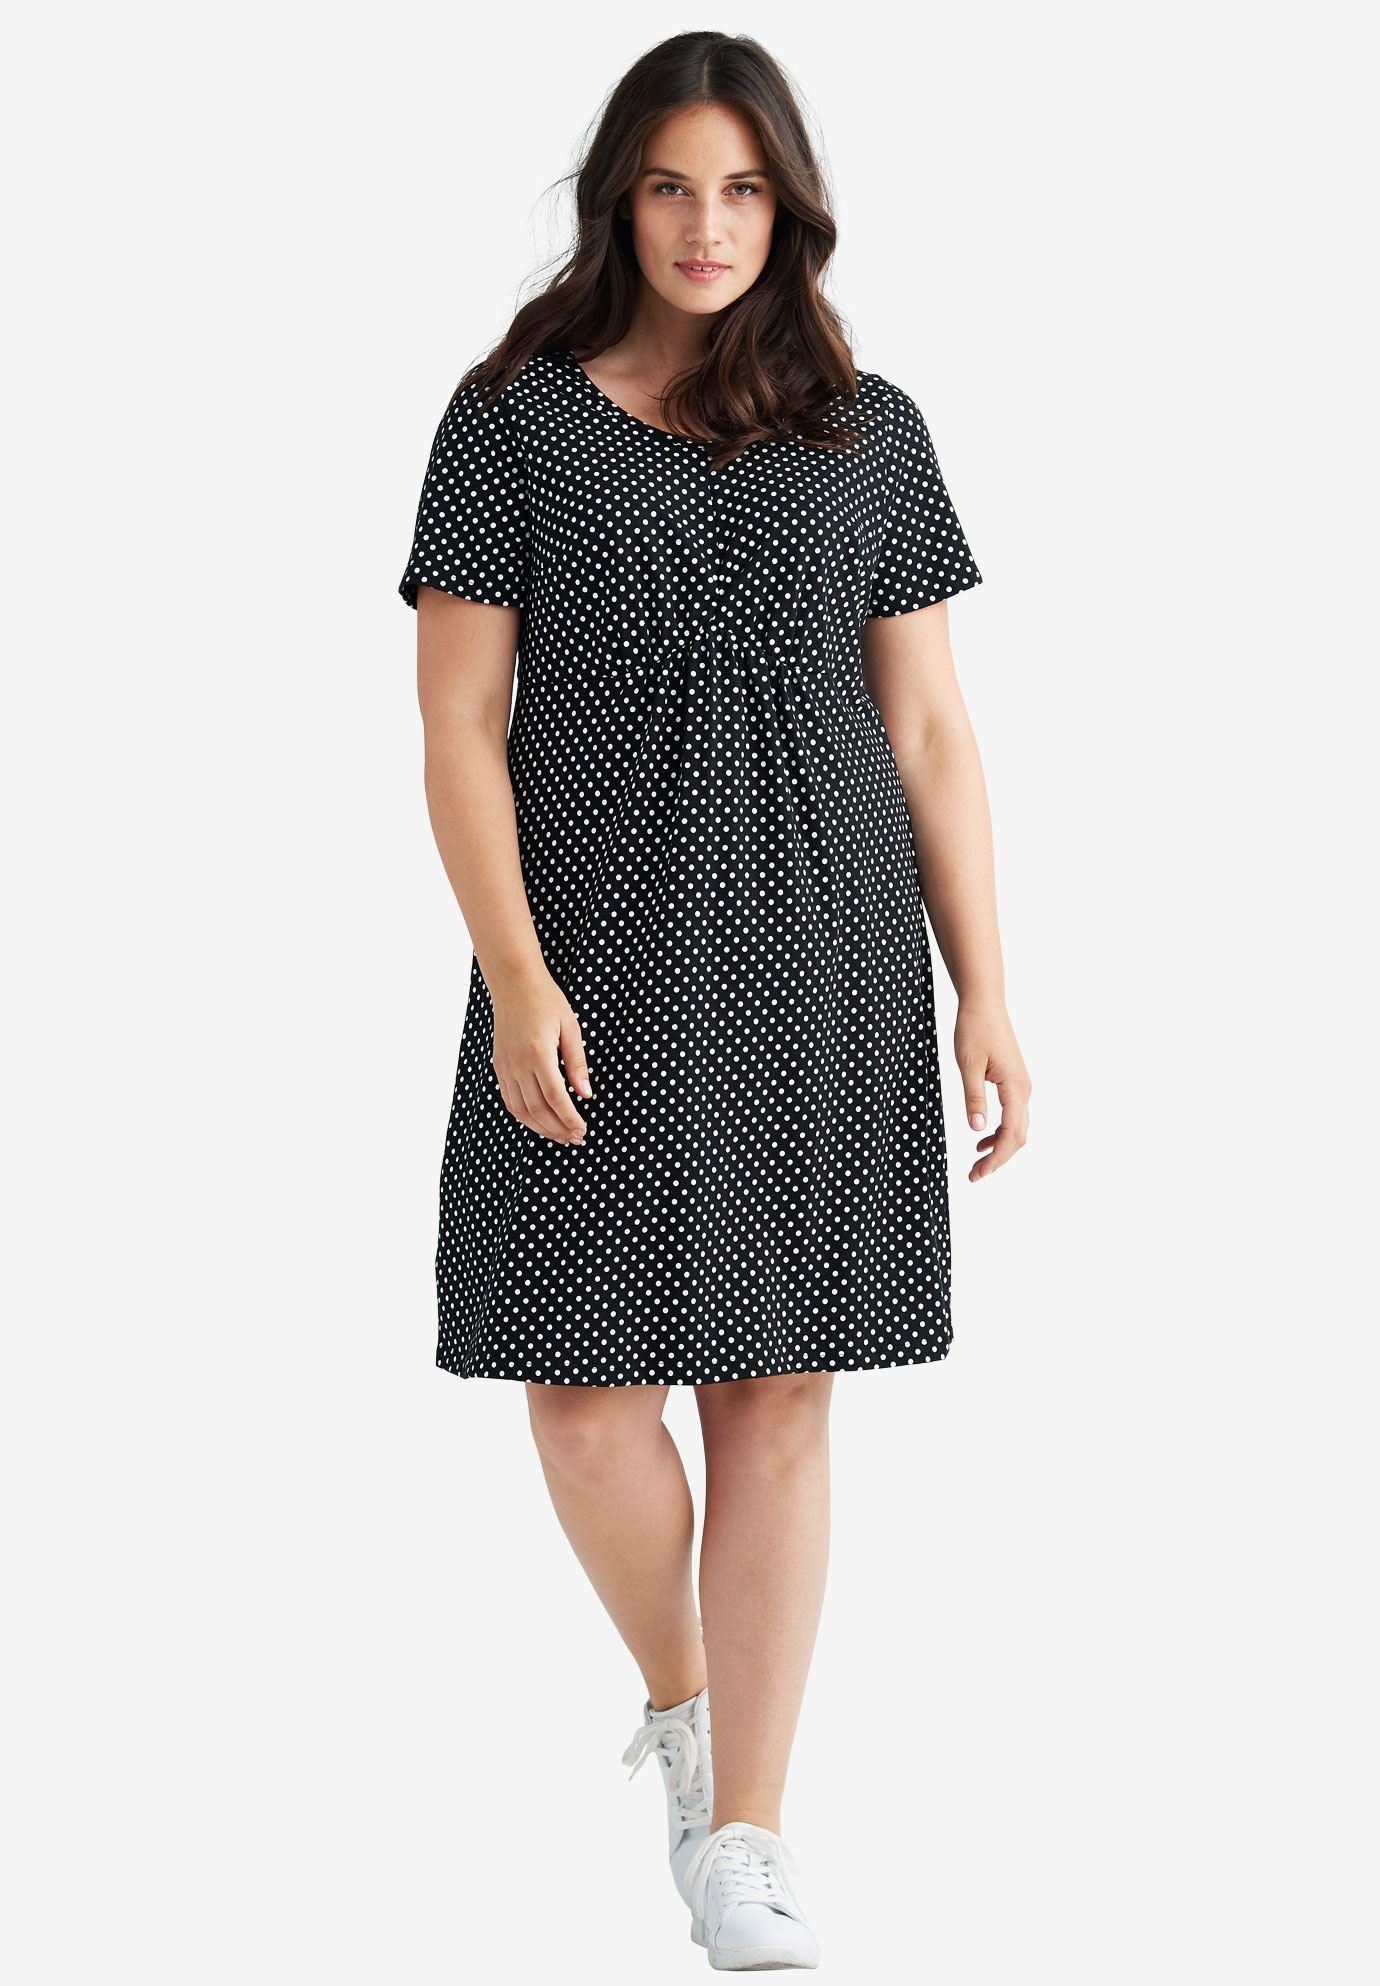 Polka Dot A-line Dress by ellos®| Plus Size Dresses | Ellos